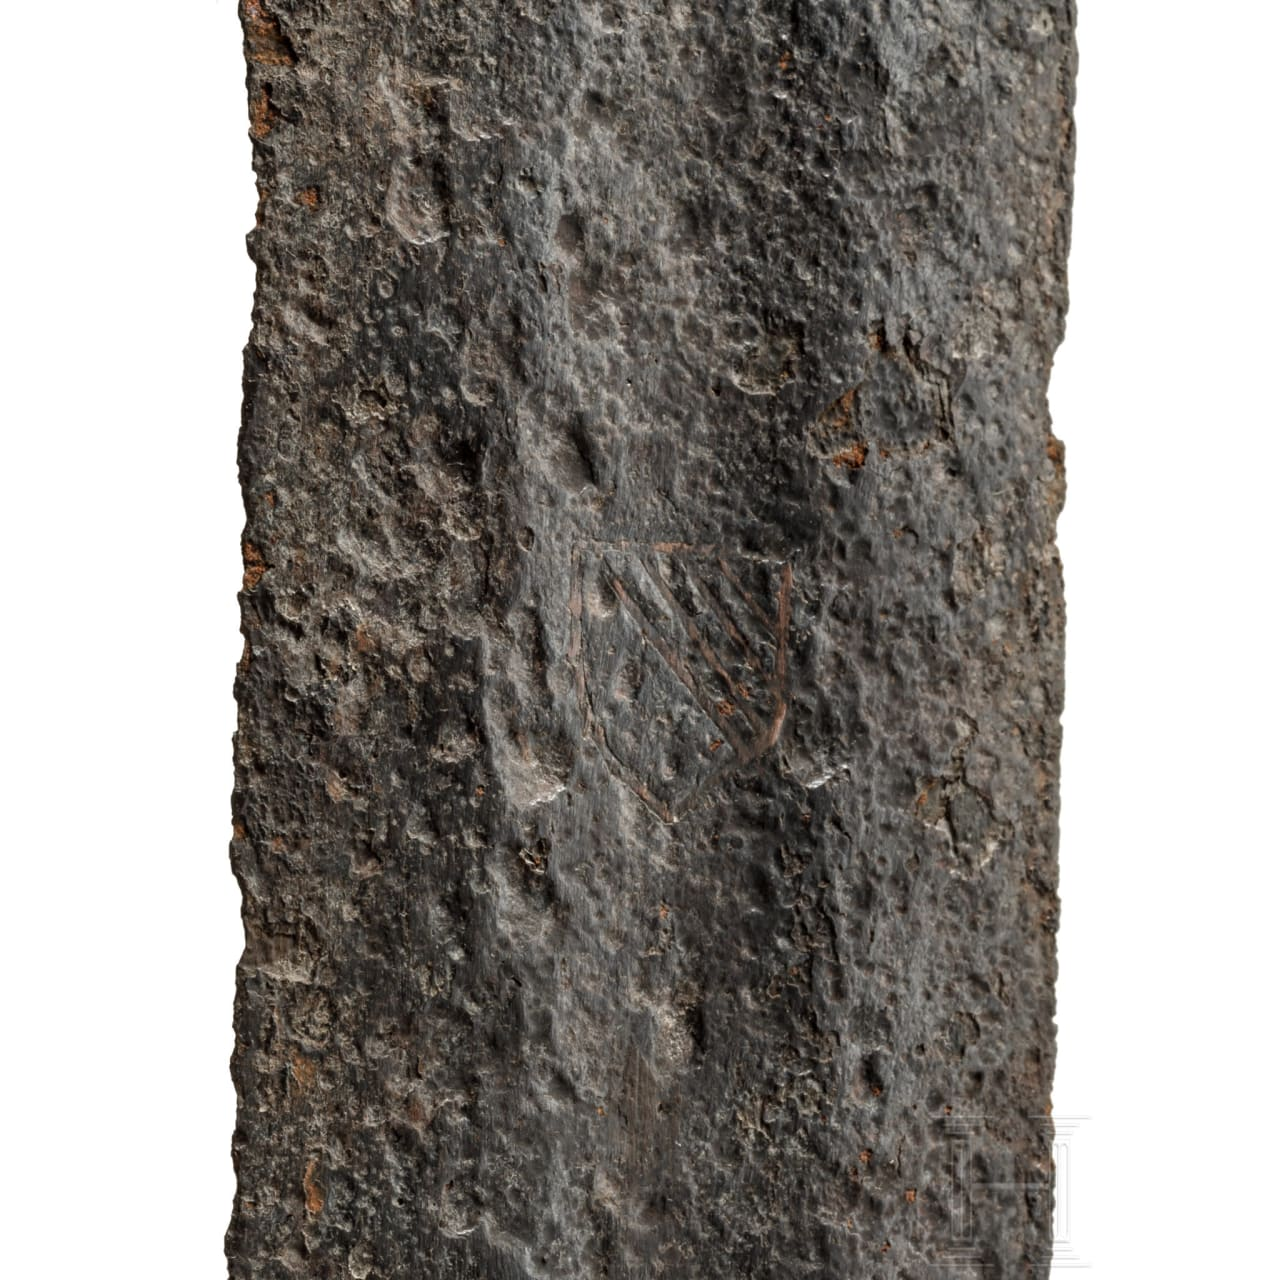 Ritterliches Schwert mit eingelegtem Wappen, deutsch, 11. Jhdt.